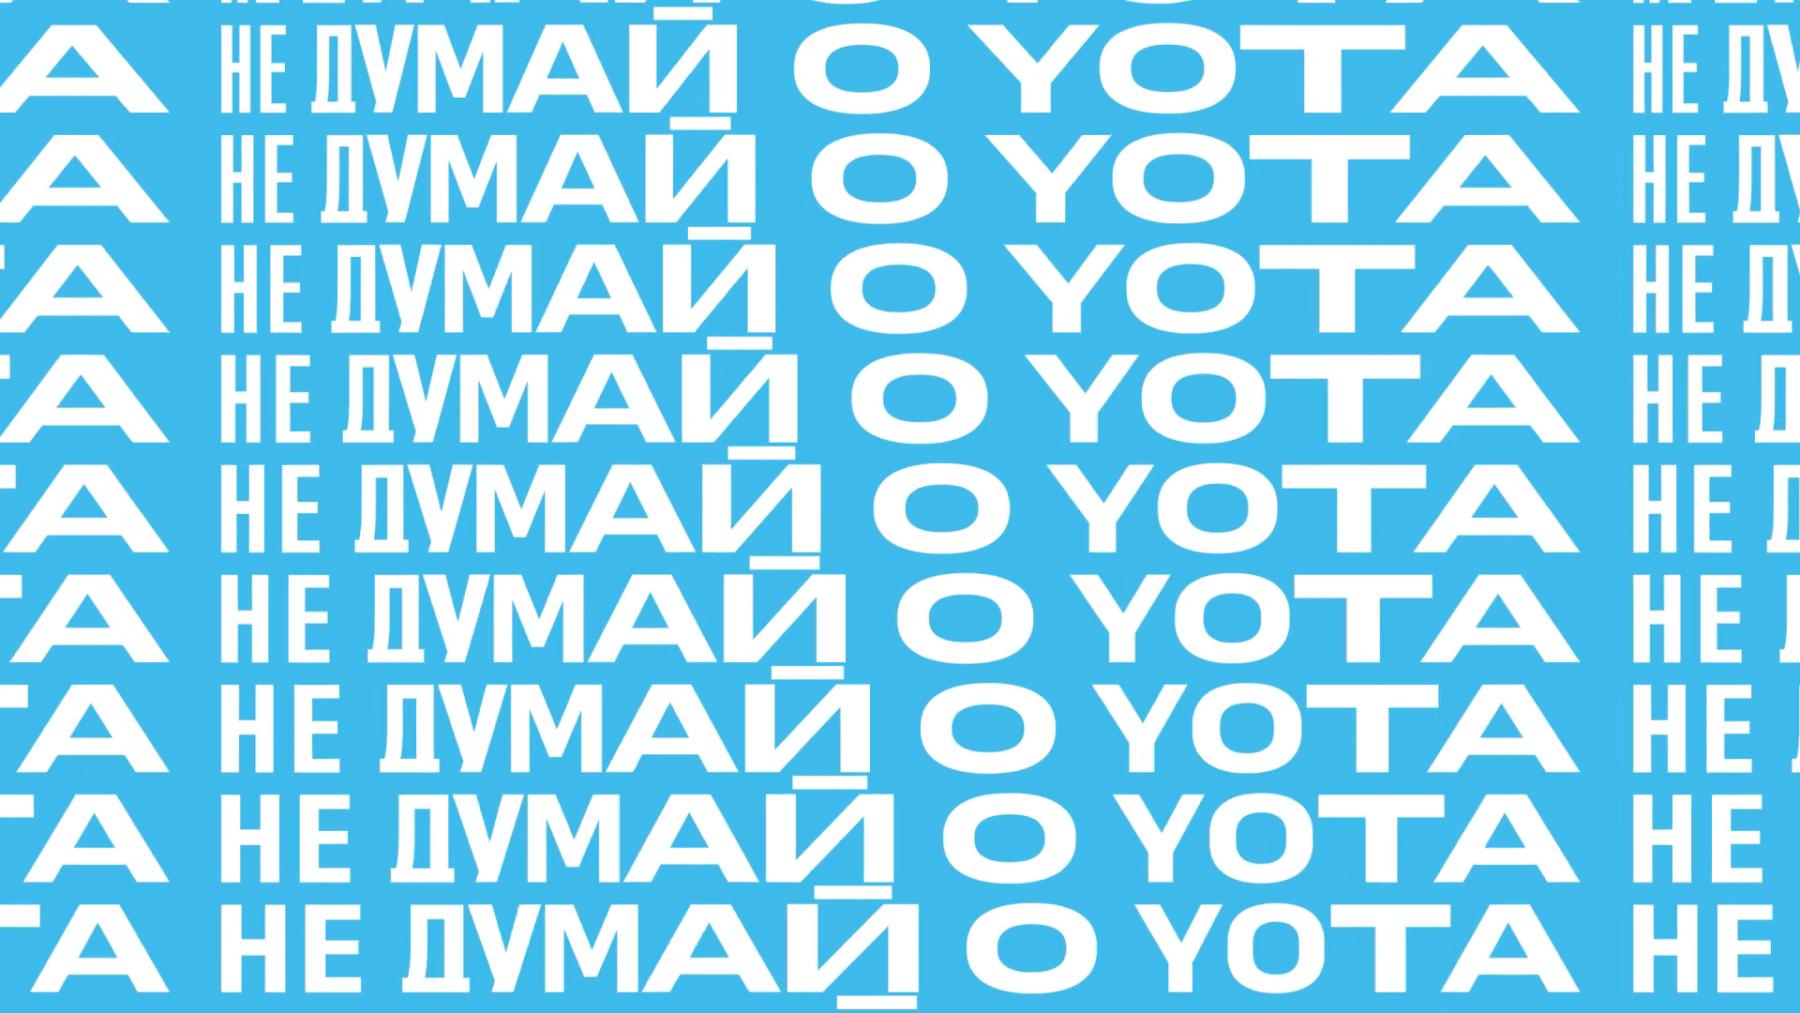 Фото Yota запускает новую рекламную кампанию «Не думай о Yota» 2